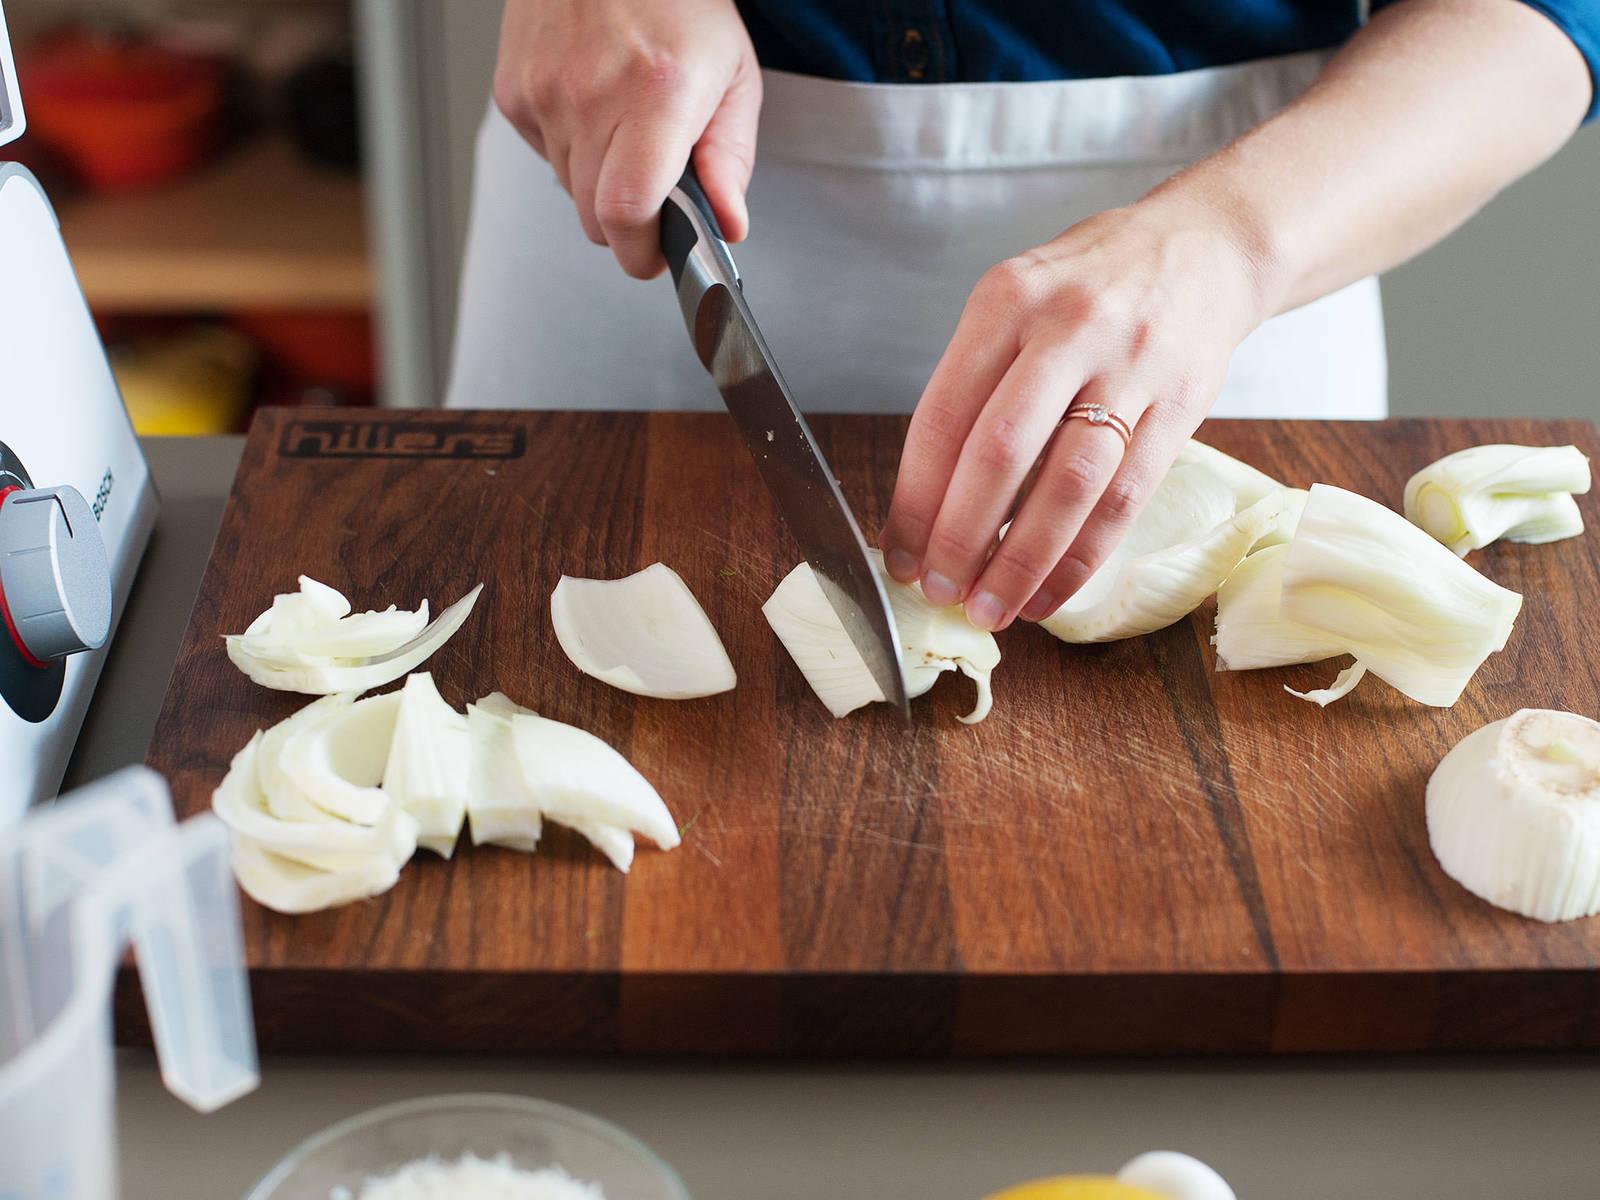 Fenchelgrün vom Stiel entfernen. Stiel wegwerfen und Fenchelgrün zusammen mit den Fenchelsamen in den Zerkleinerer geben. Fenchelknolle in Spalten schneiden, um den Dip später damit zu servieren. Falls gewünscht, weiteres Gemüse zum Servieren kleinschneiden.